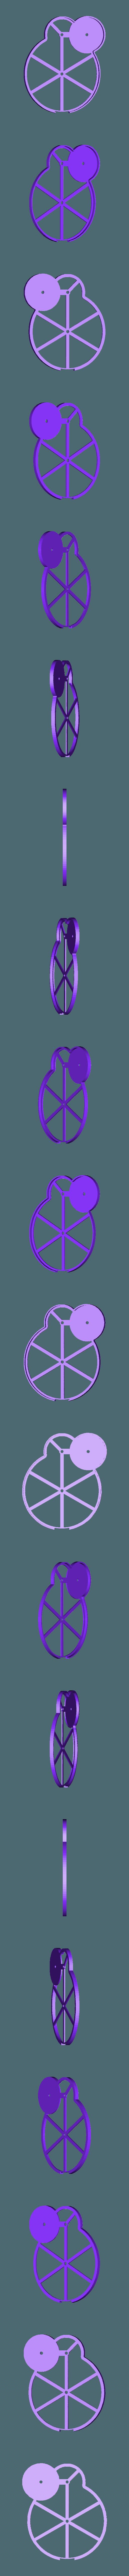 lid.stl Télécharger fichier STL gratuit Pistolet d'hypnose • Design pour imprimante 3D, ericcherry